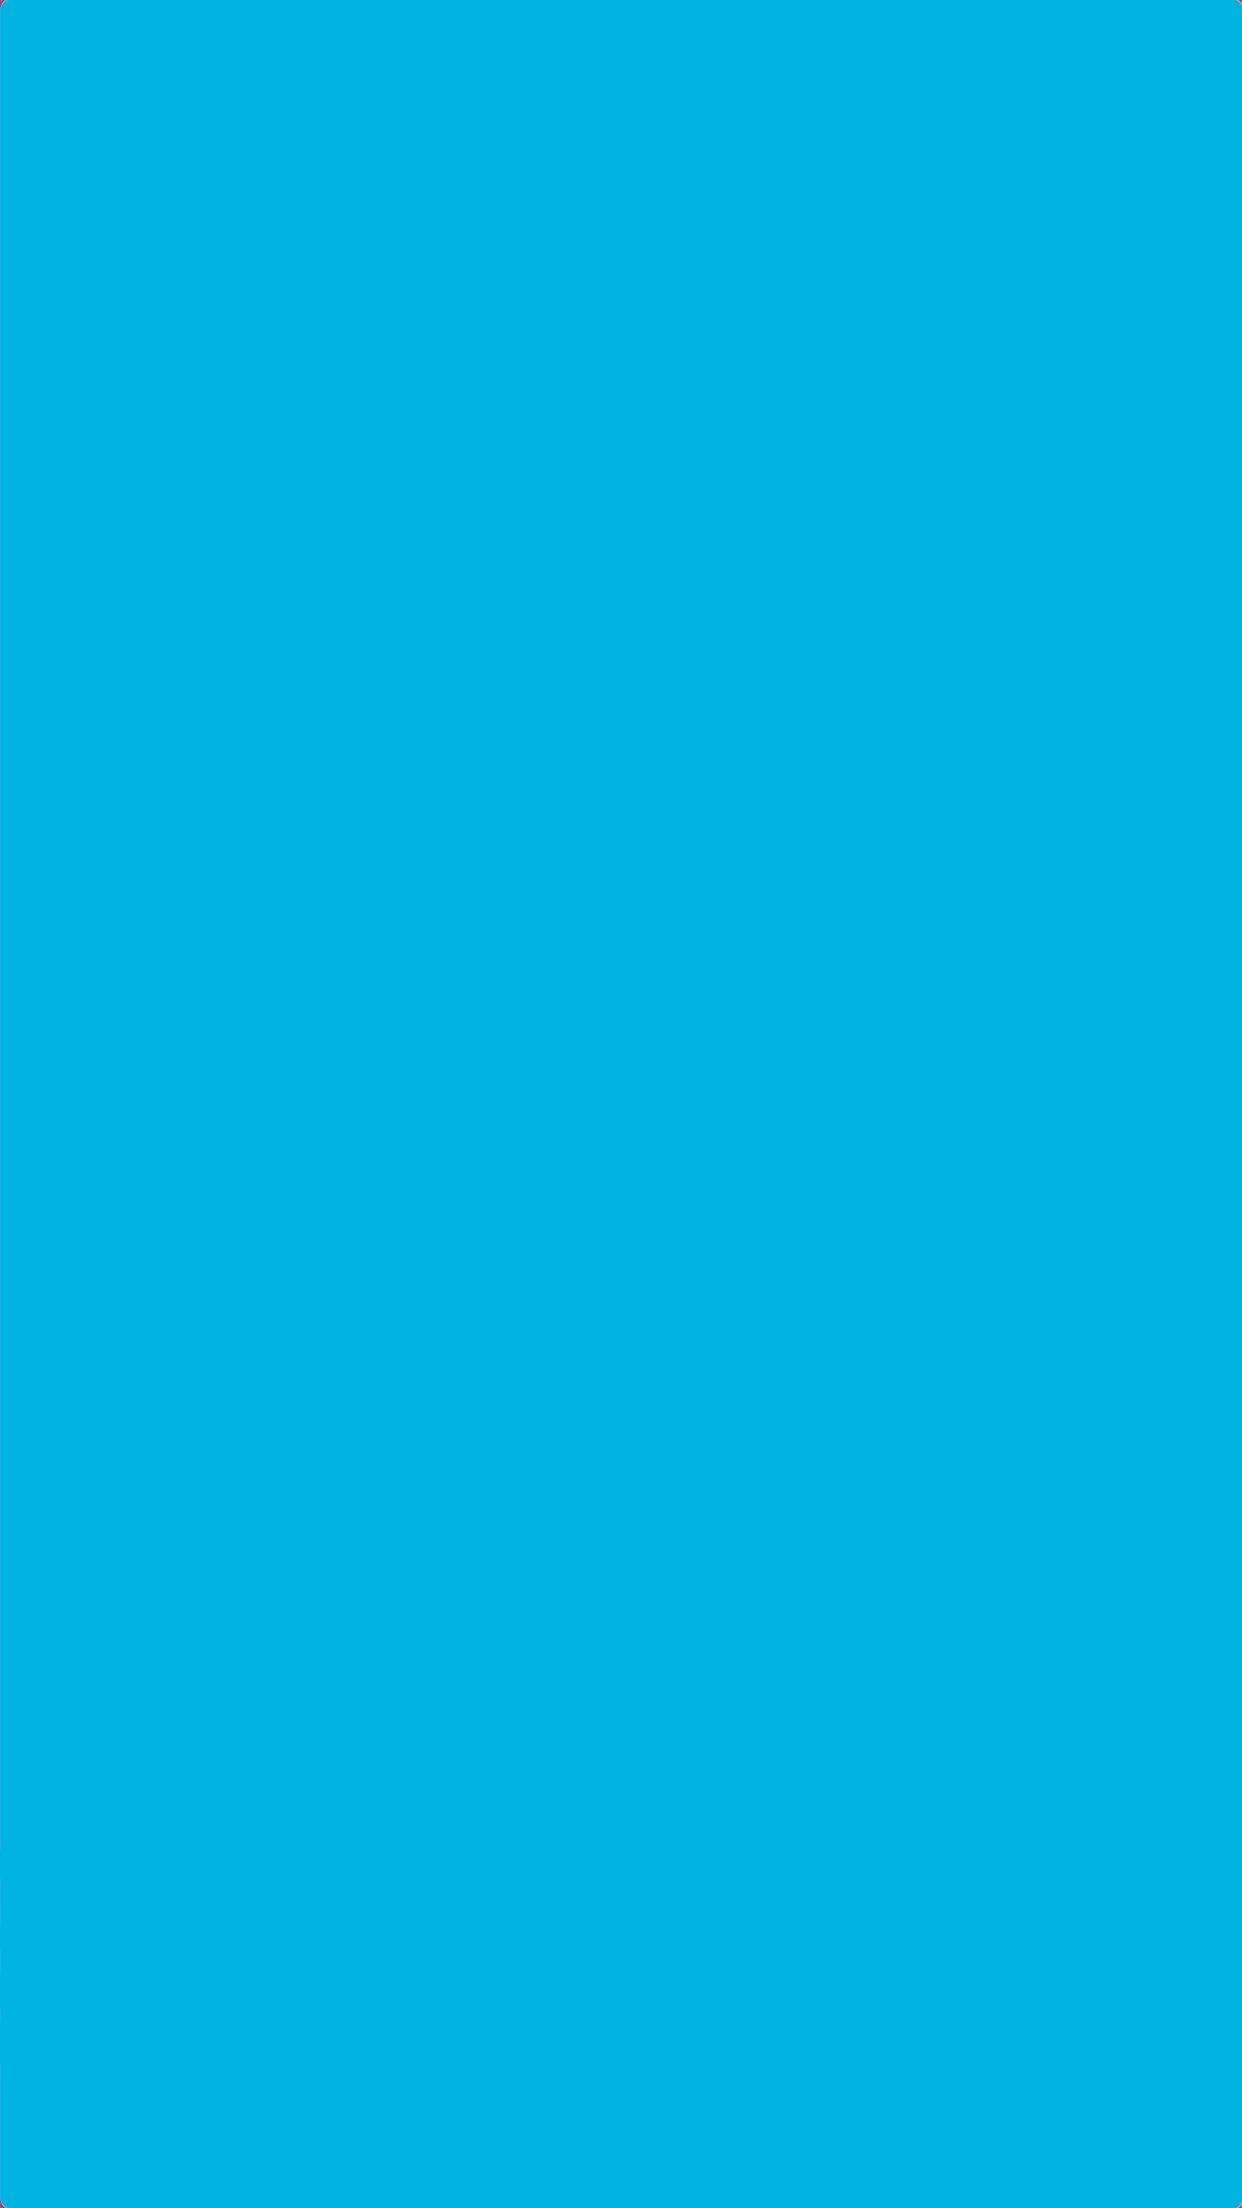 1242x2208 Tải xuống 10 màu đồng nhất Hình nền iPhone: Đen, Trắng